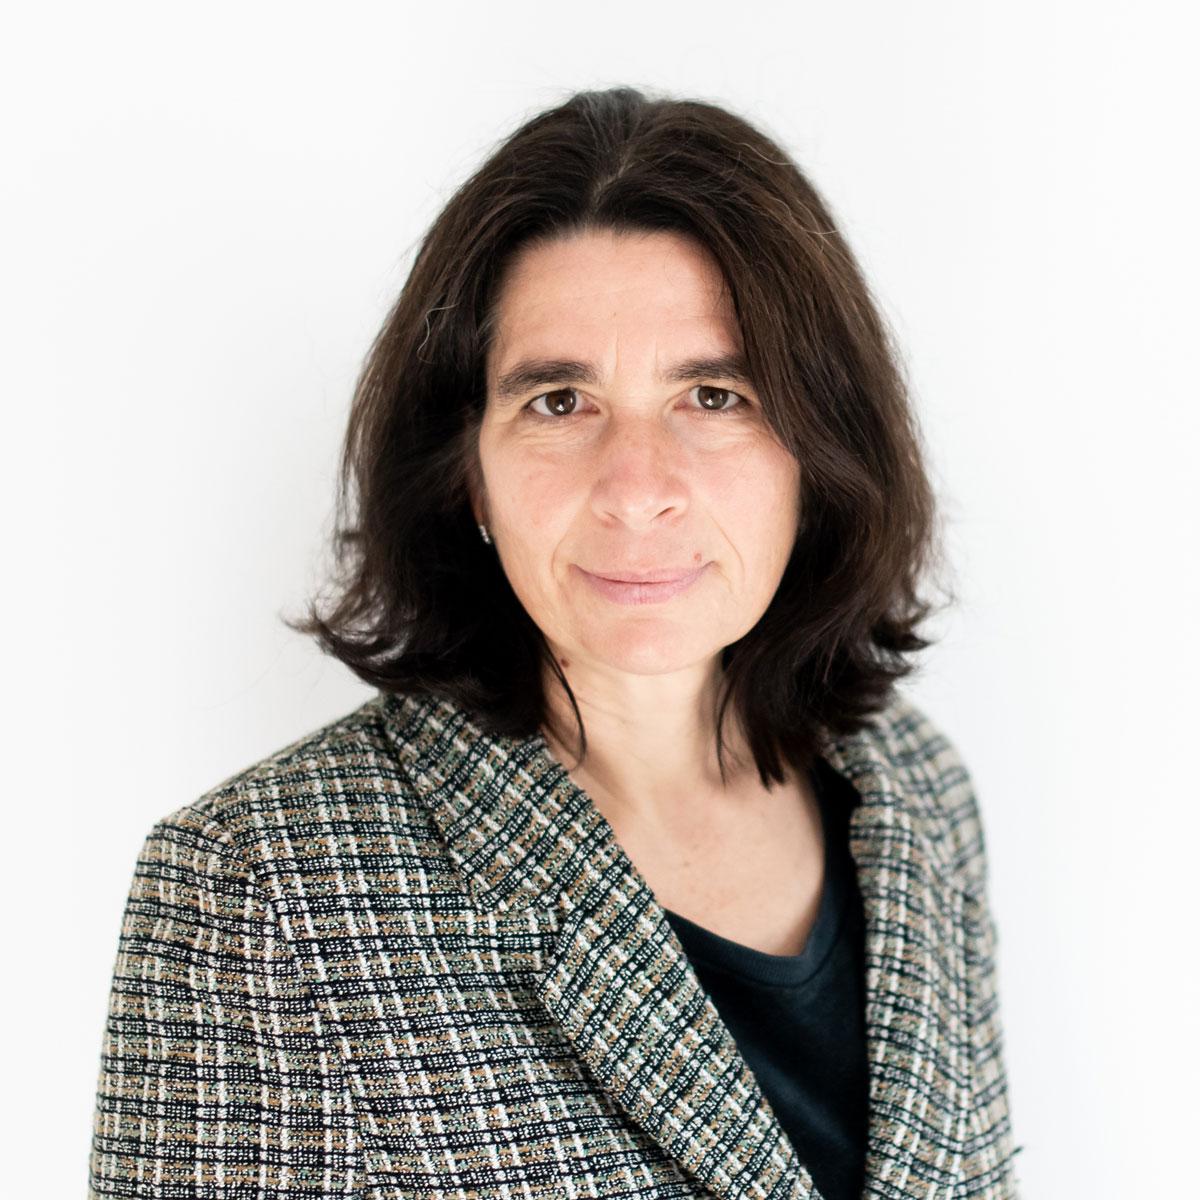 Berta Mónika